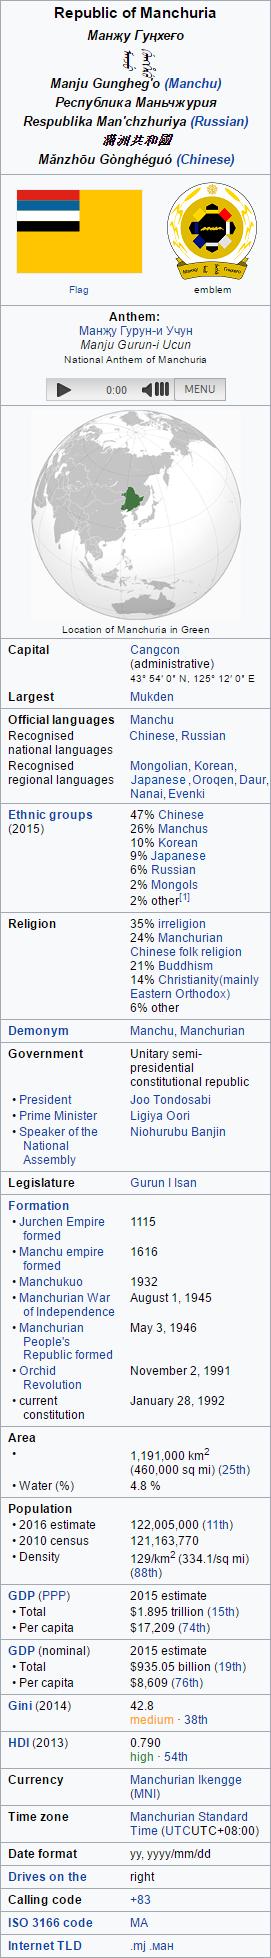 Manchuria Infobox by kyuzoaoi